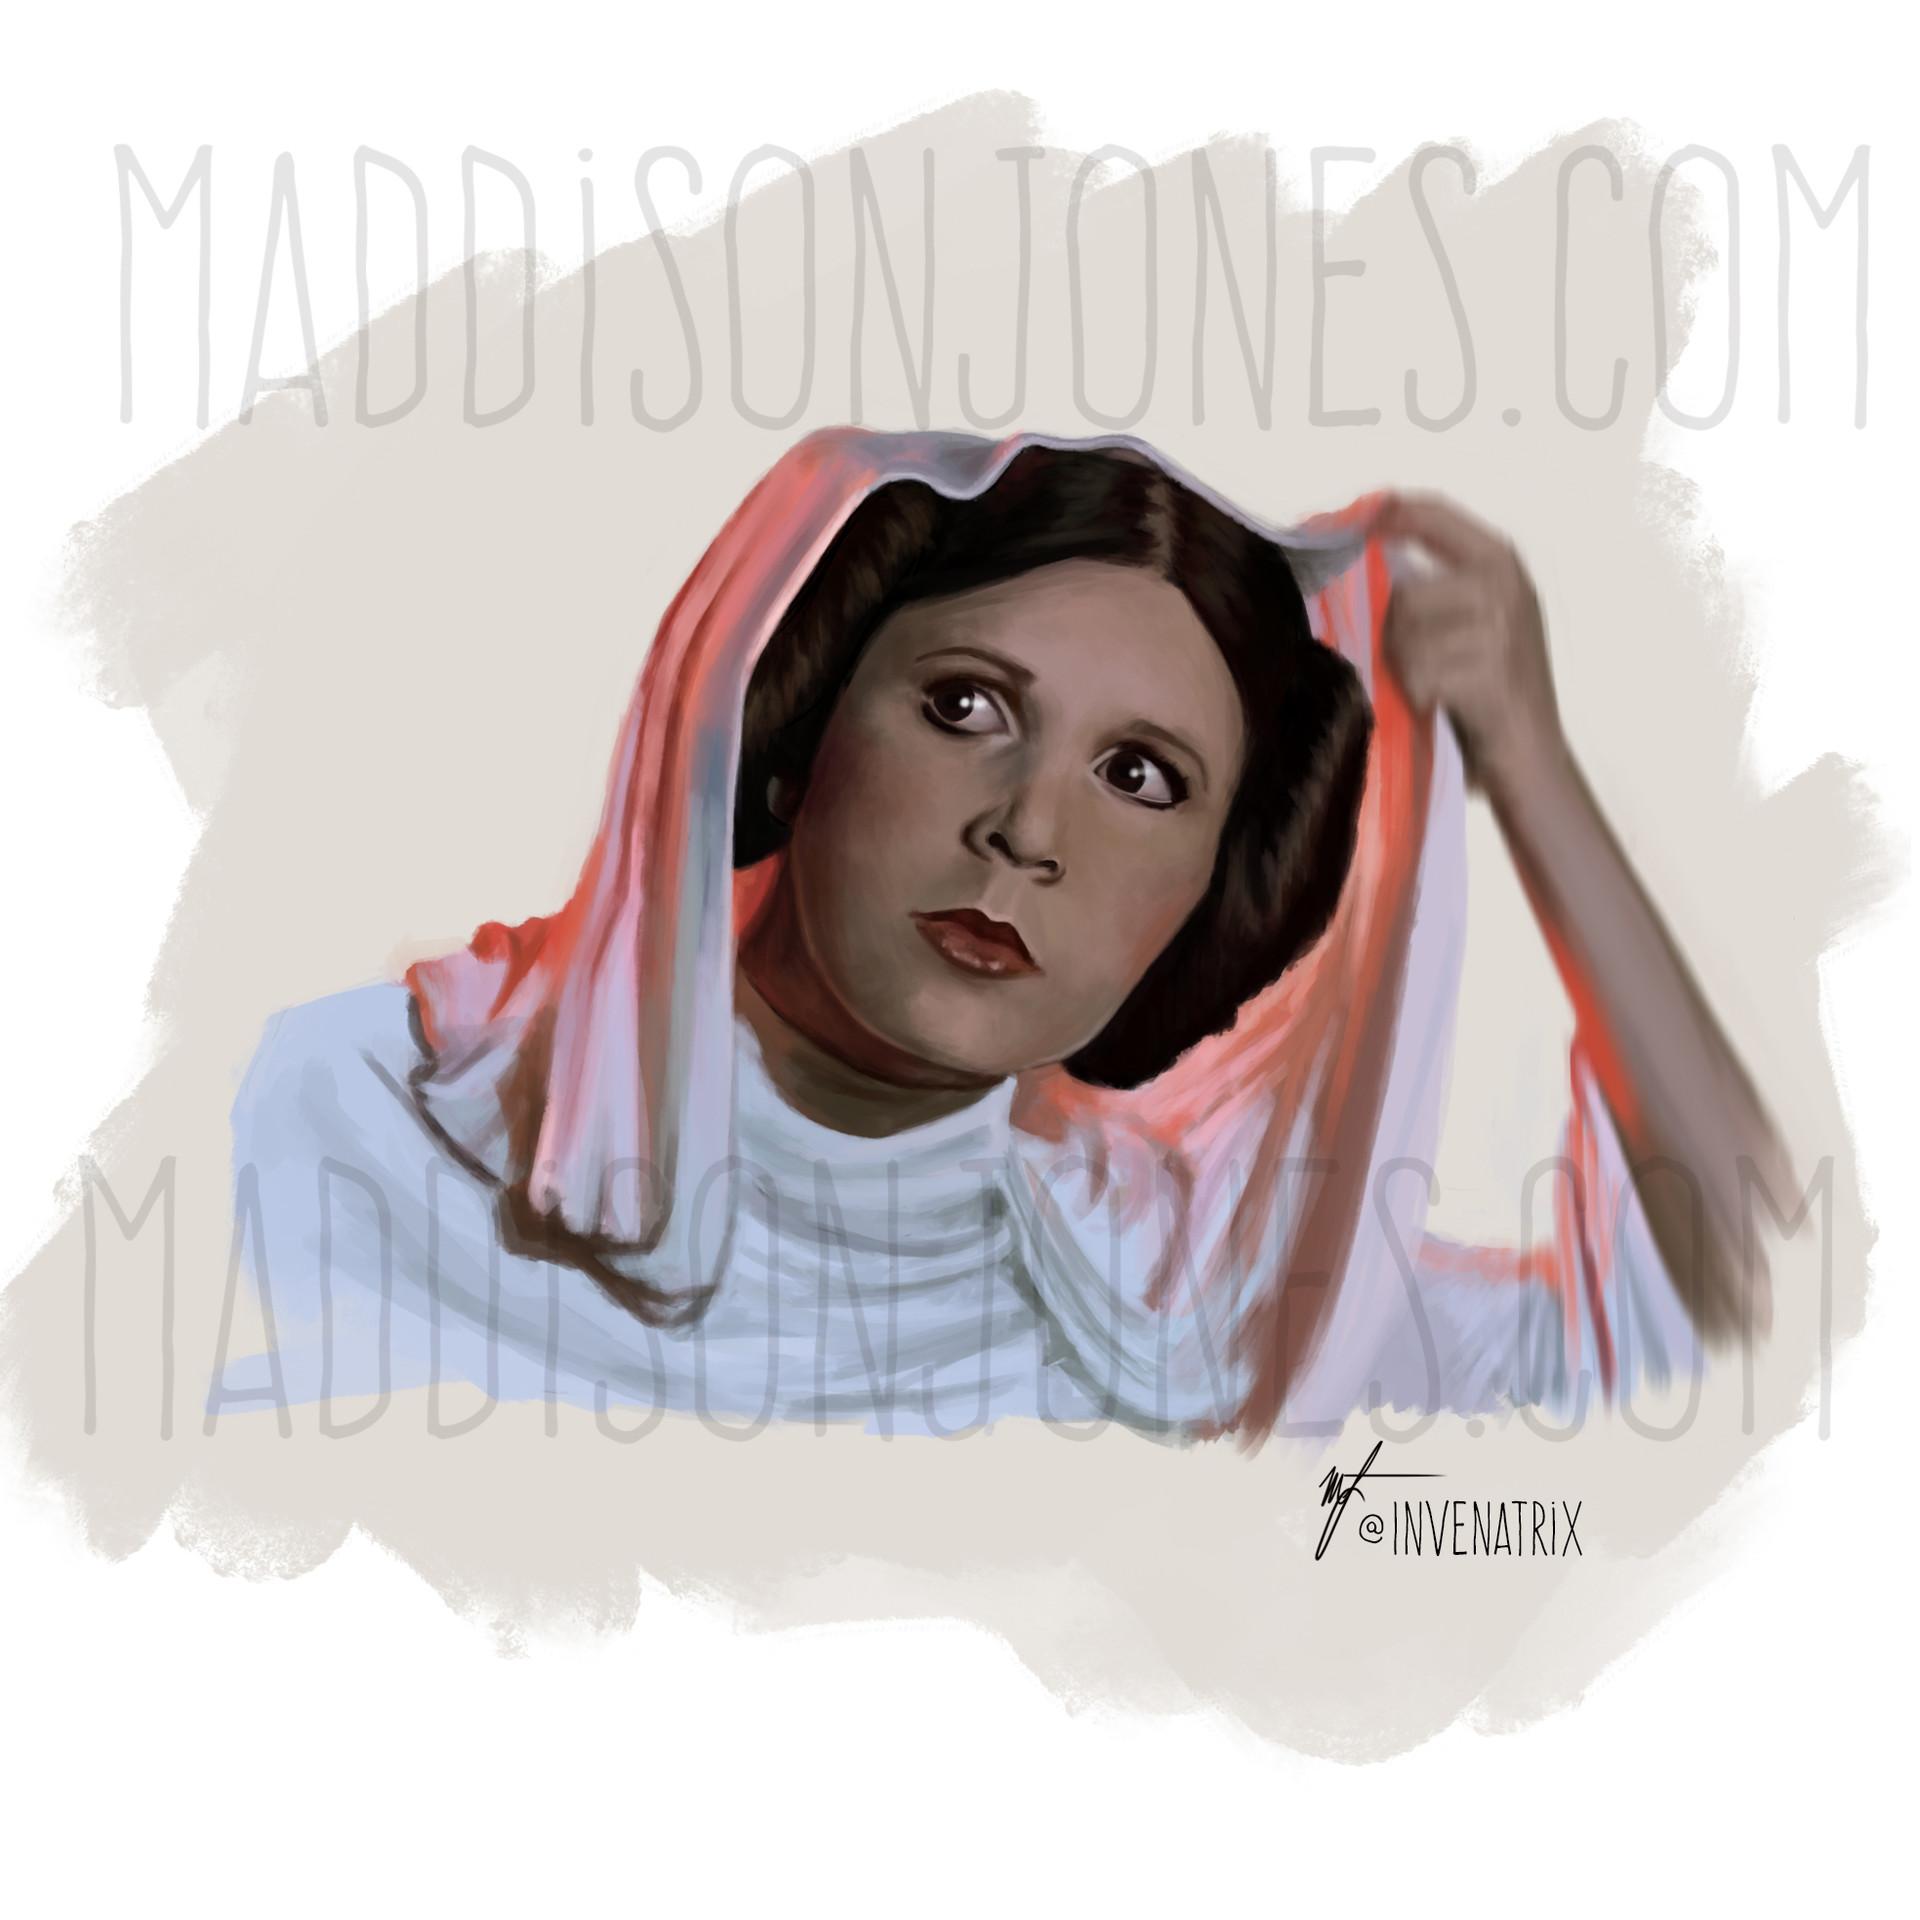 арт, картинки, Star Wars, Звездные войны, Рей, Падме Амидала, Принцесса Лея, Дарт Мол, Maddison Jones